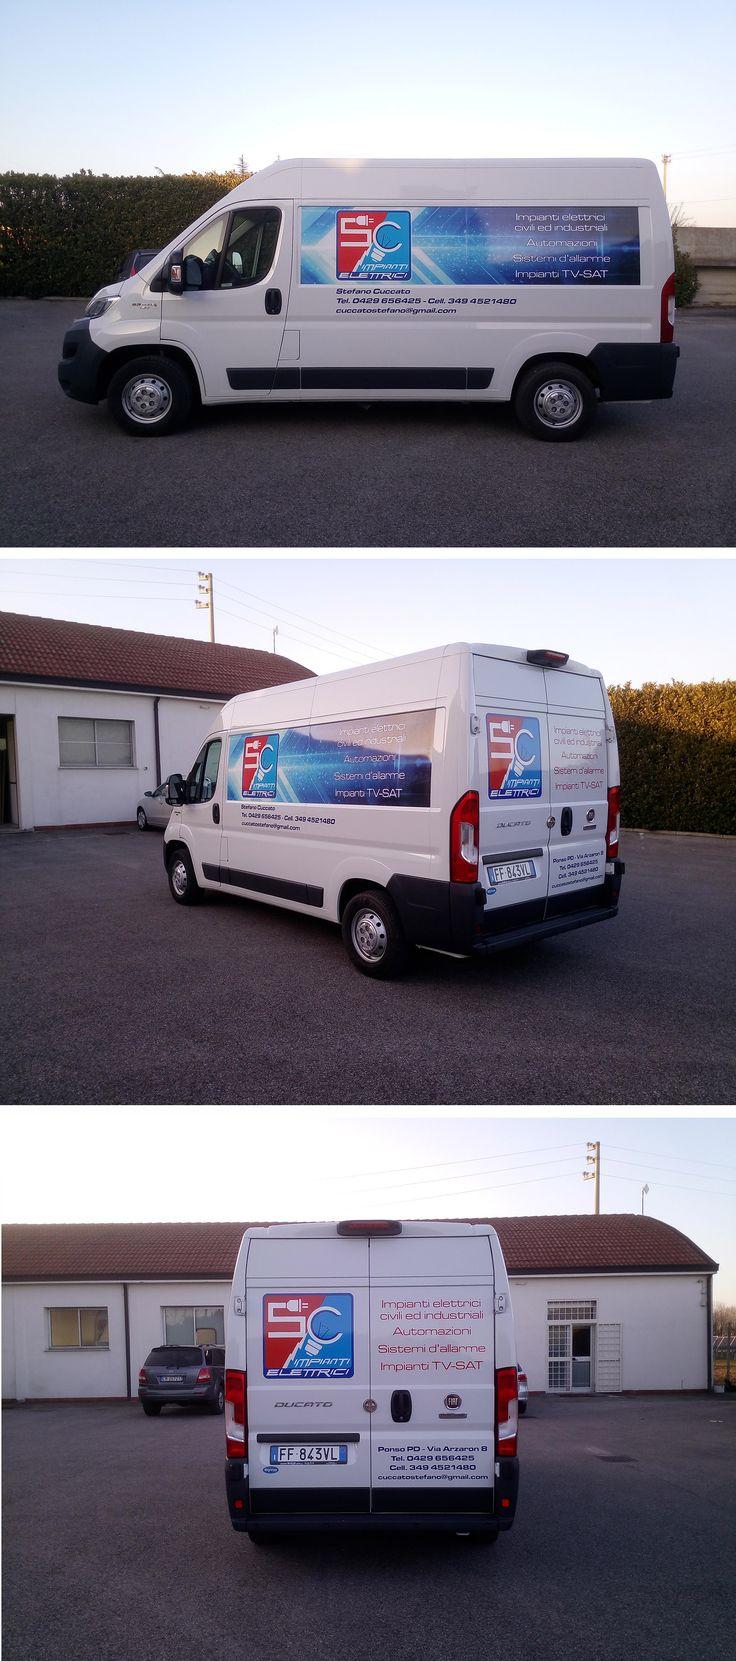 Decorazione su Fiat Ducato realizzata tramite l'applicazione di stampa digitale e scritte in pvc adesivo prespaziato. La progettazione grafica, la stampa e l'installazione delle pellicole sui mezzi viene totalmente realizzata dal nostro studio.